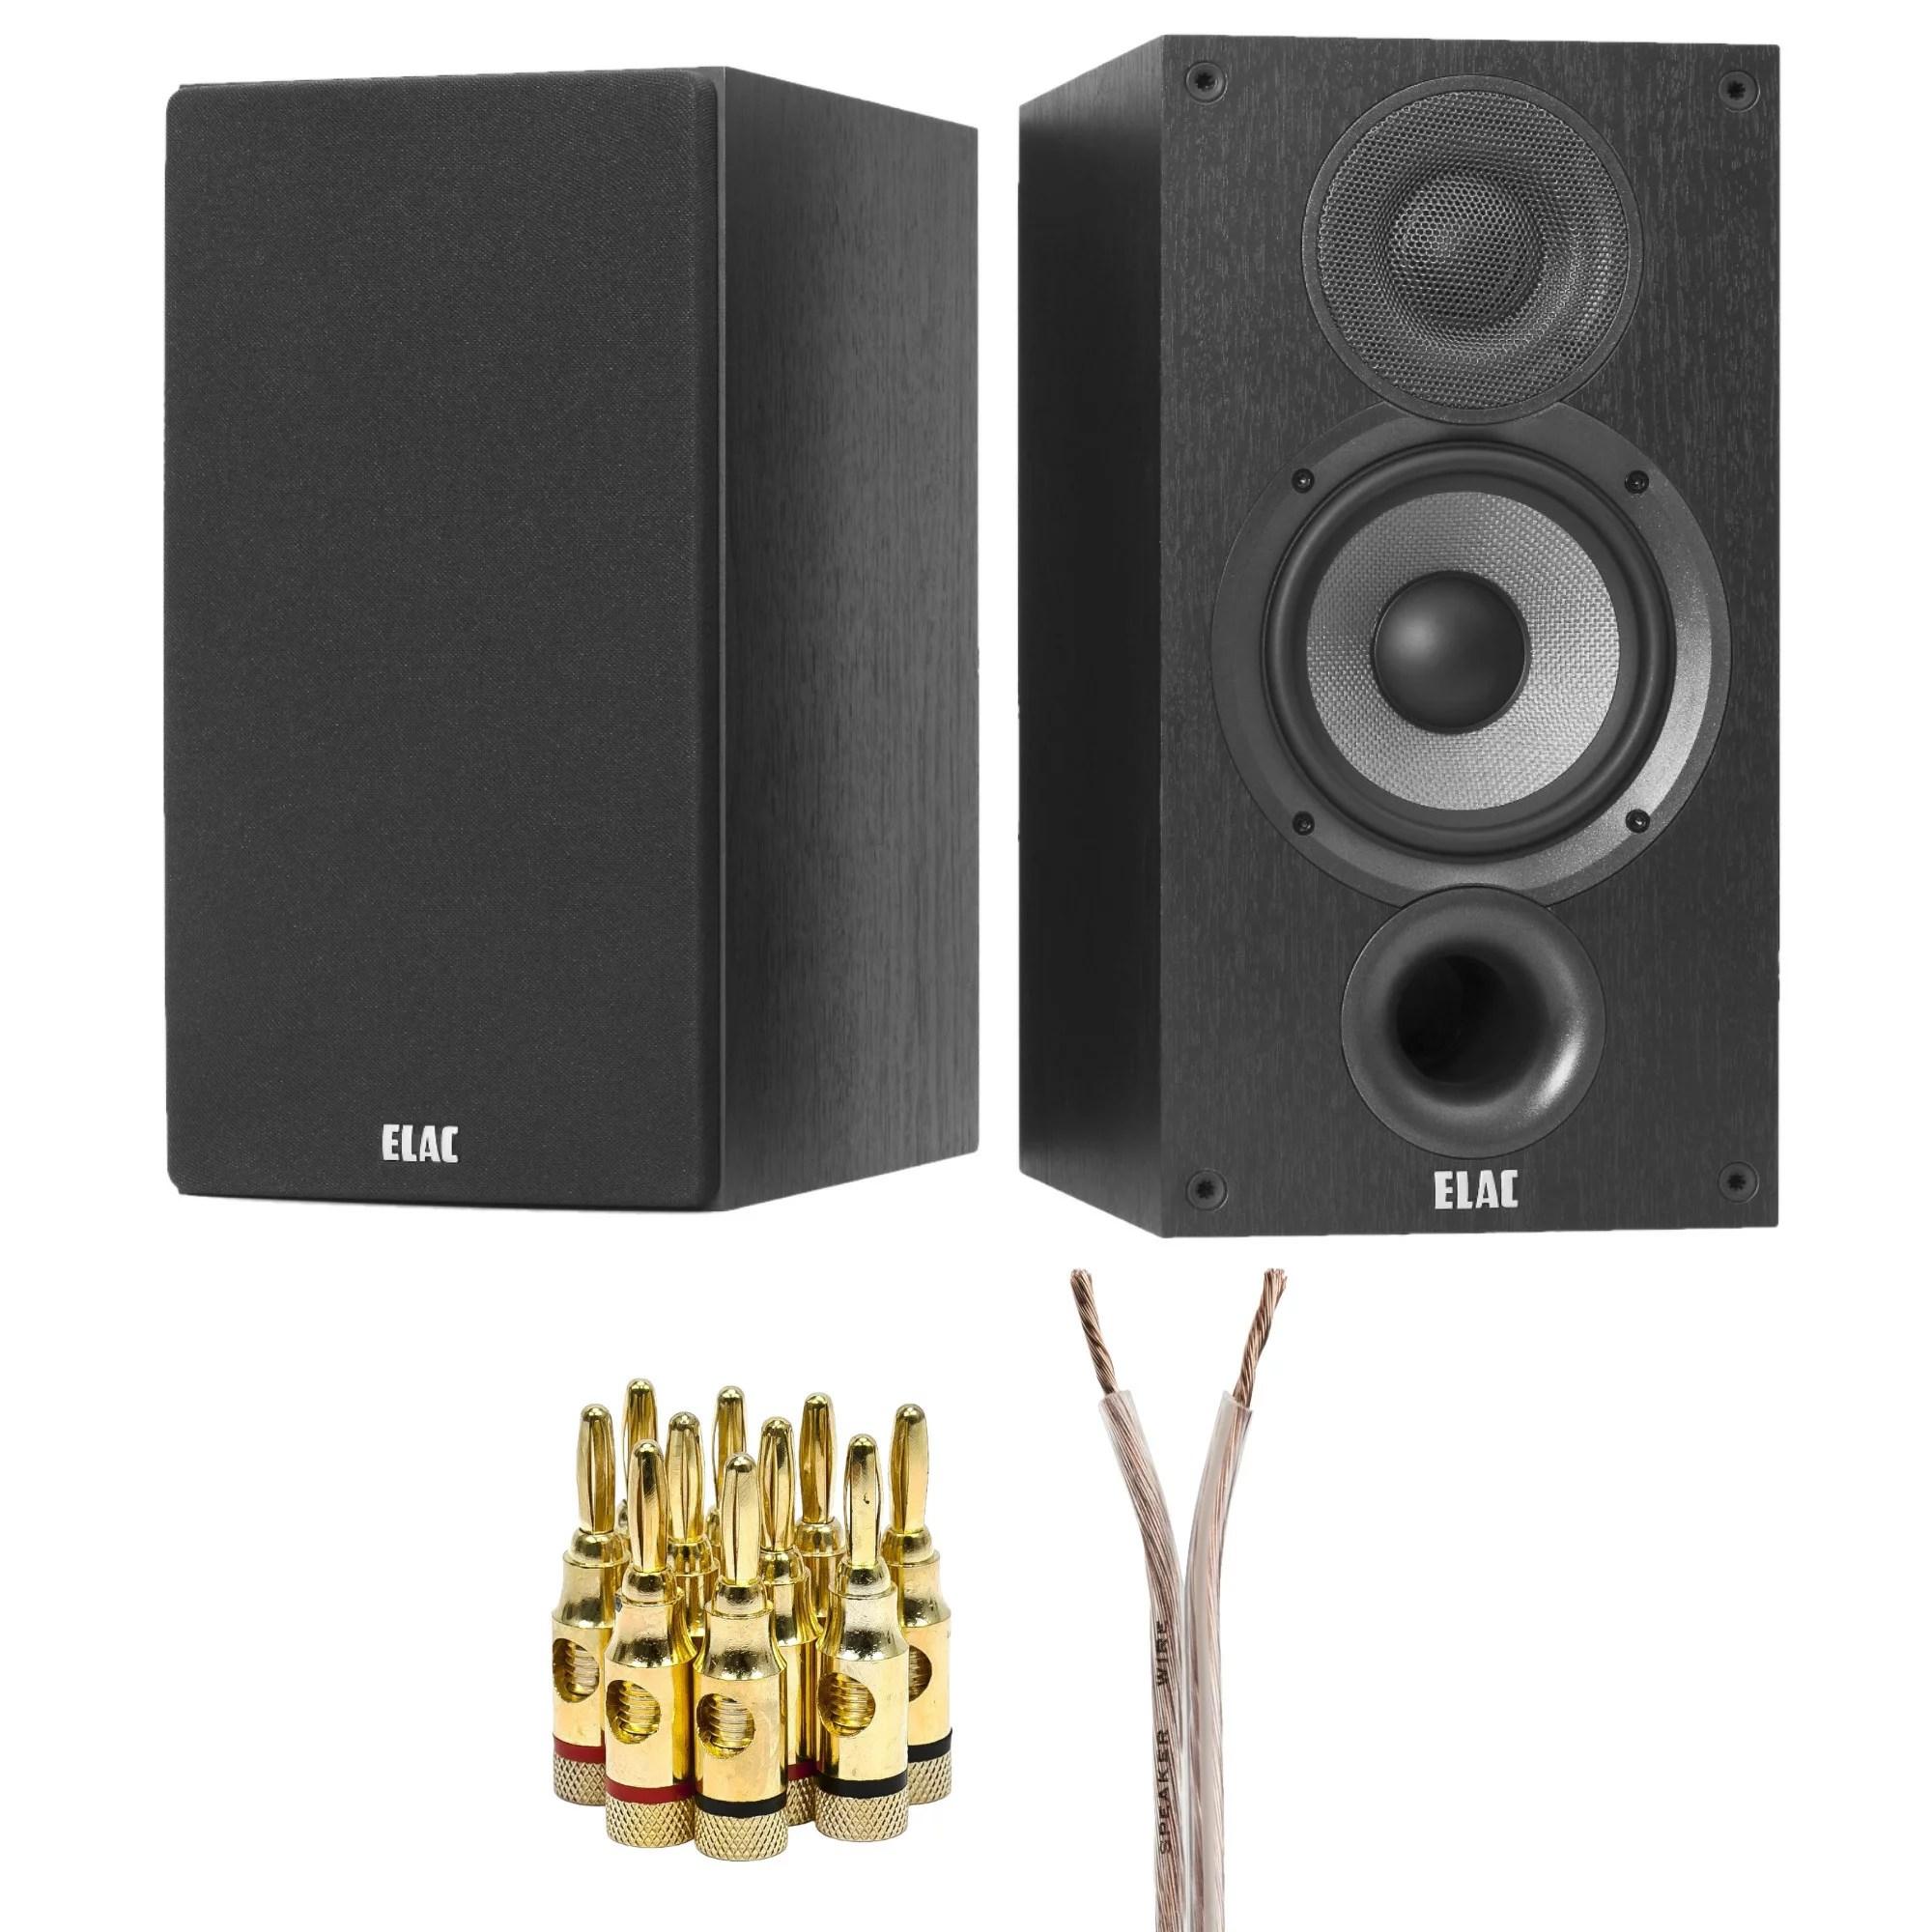 hight resolution of focus camera elac debut 2 0 b6 2 bookshelf speakers pair with wiring speaker pair stereo bookshelf speakers home speakers